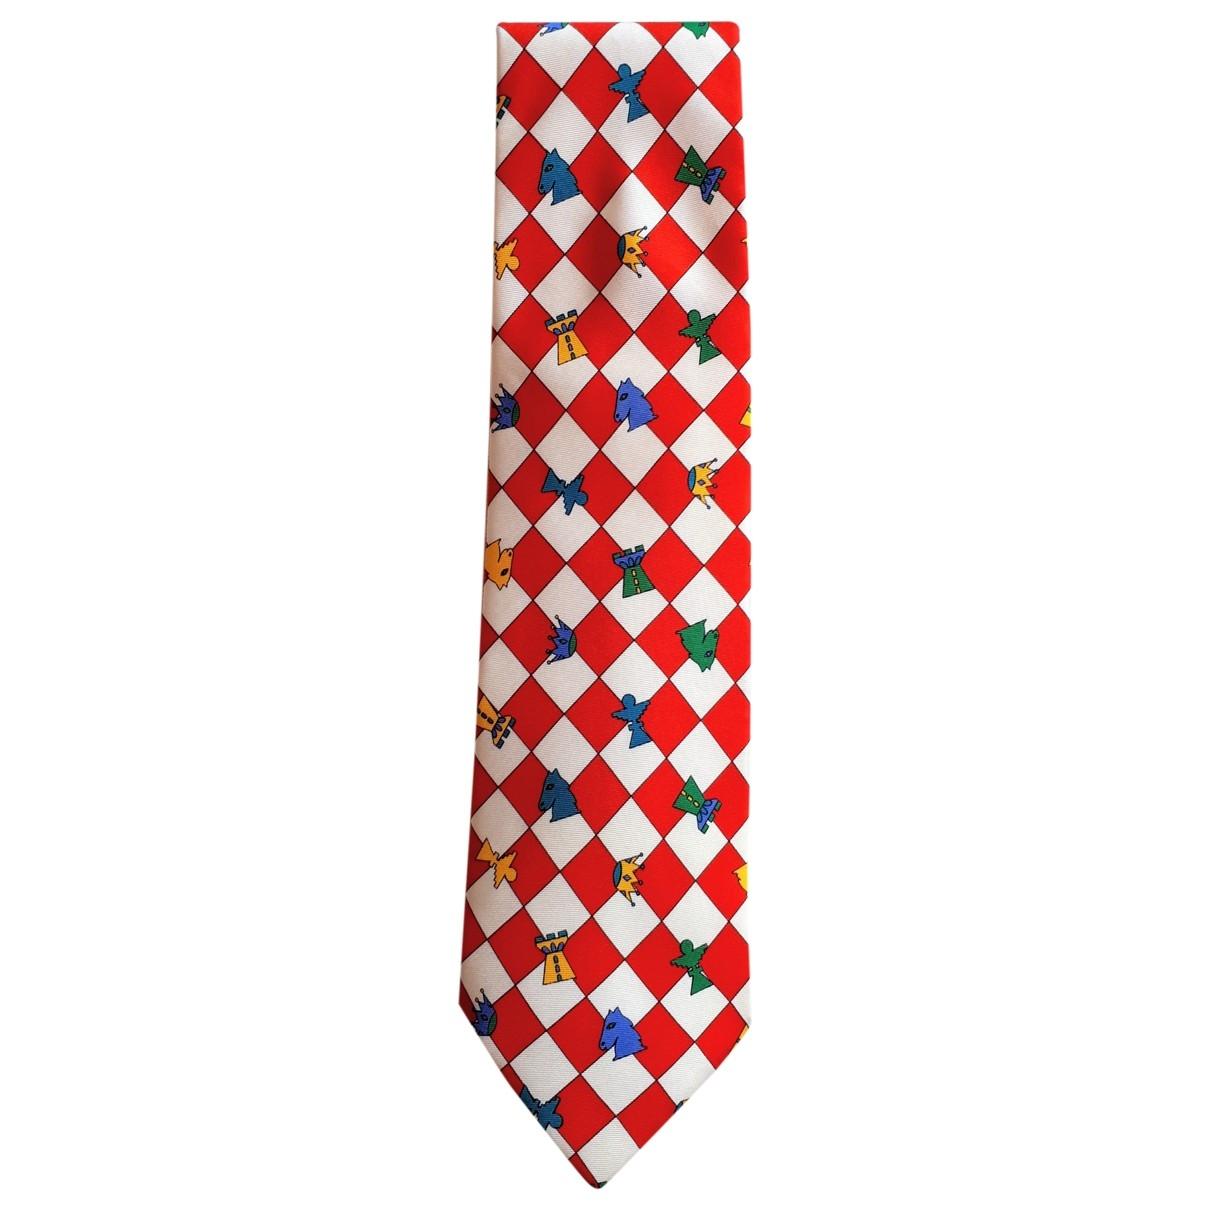 Jc De Castelbajac - Cravates   pour homme en soie - multicolore